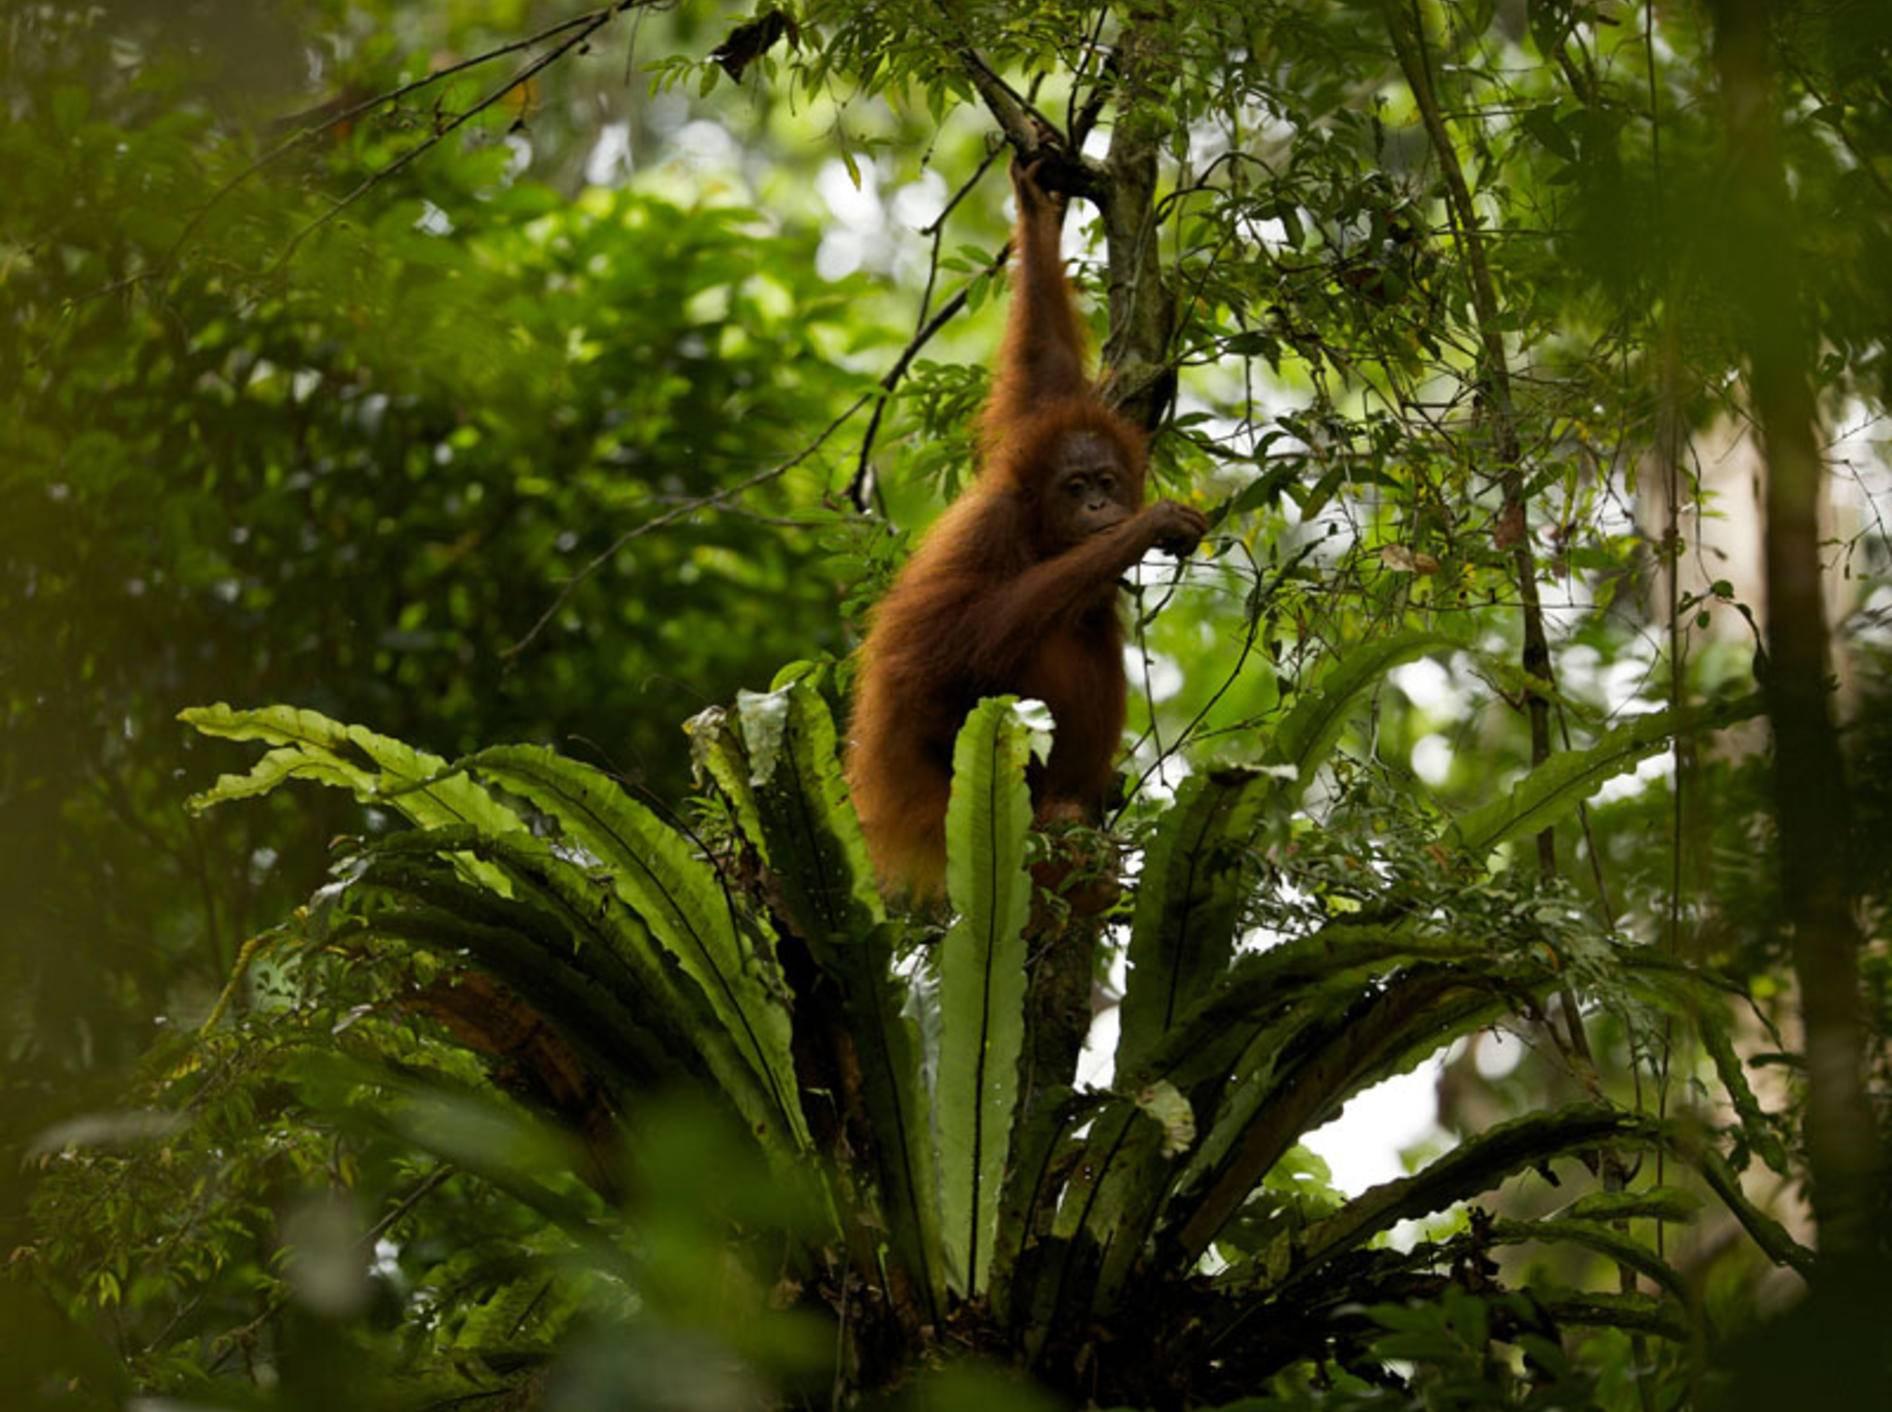 Tiere wie der Borneo-Orang-Utan verlieren ihren Lebensraum - Bild: WWF / Tim Laman